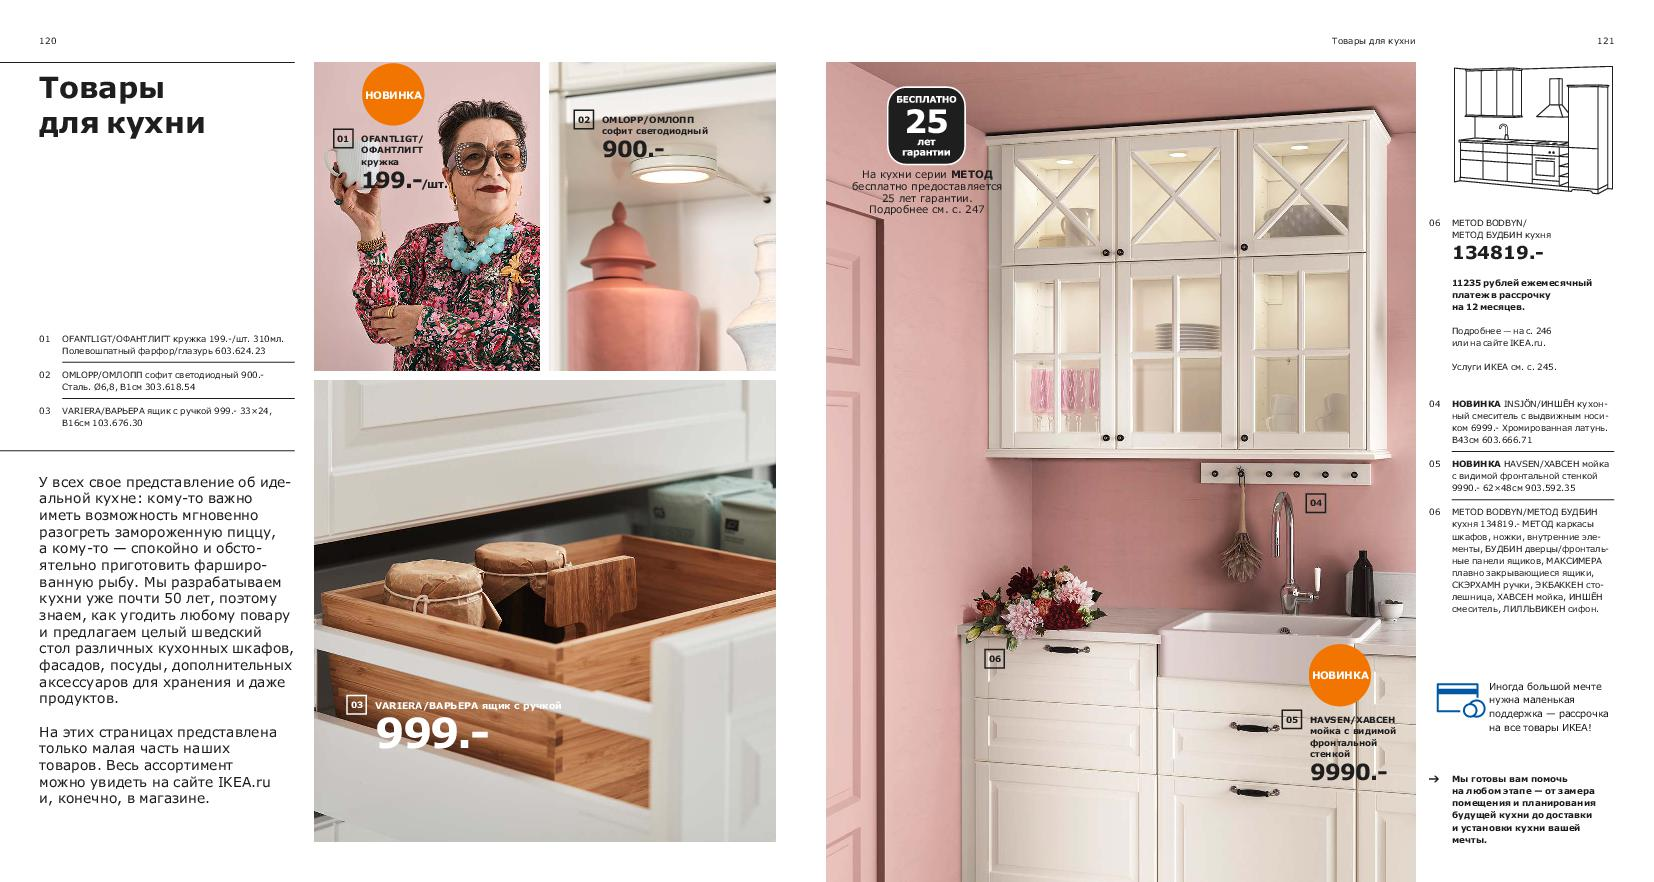 IKEA_catalogue_2019-61